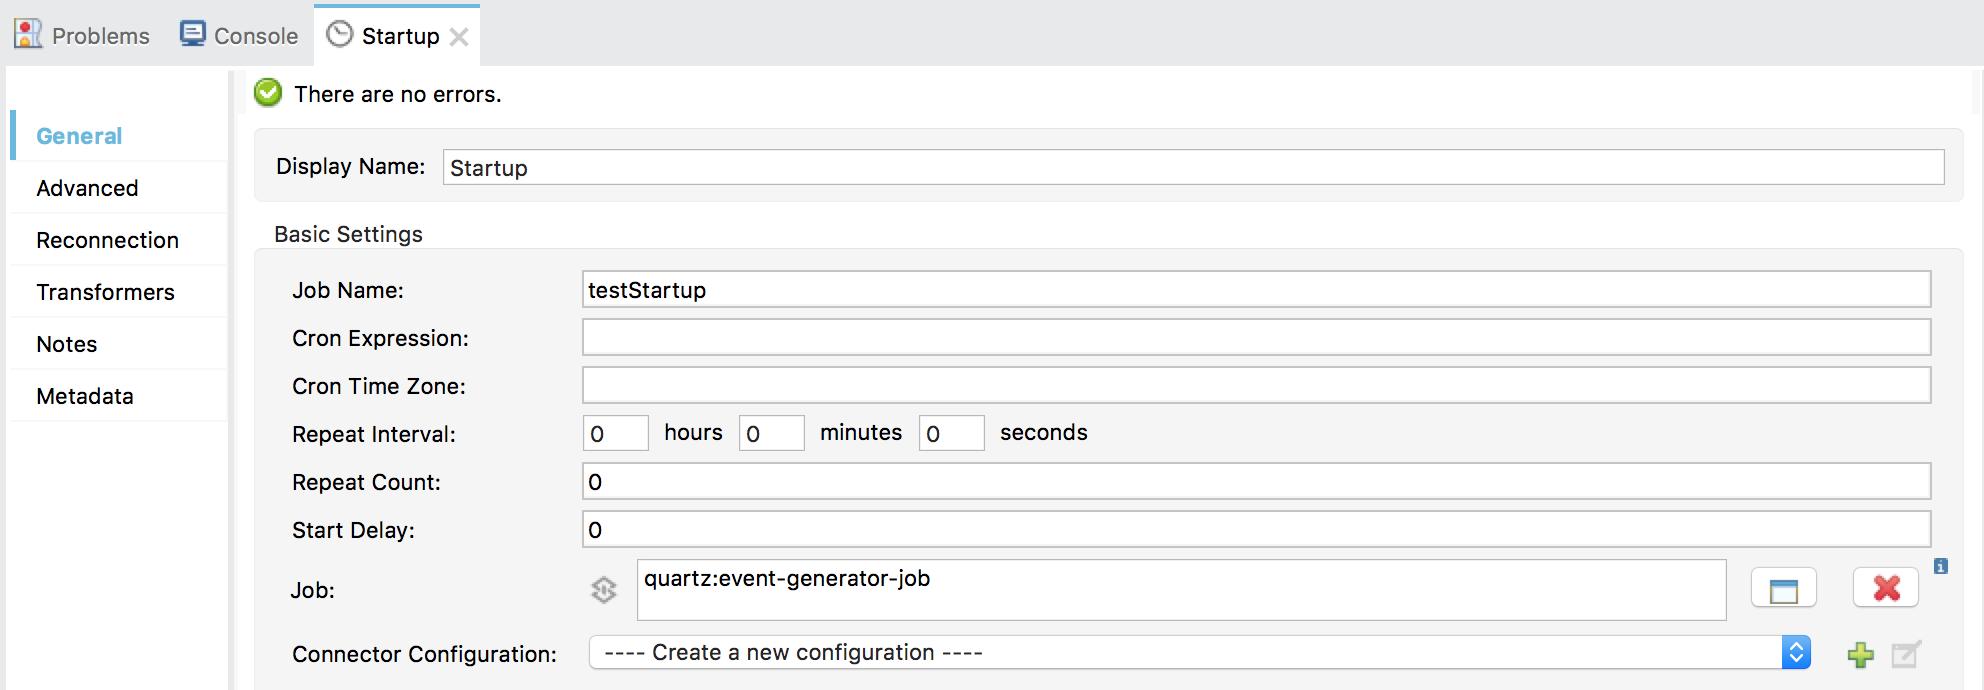 Quartz connector configuration for startup flow